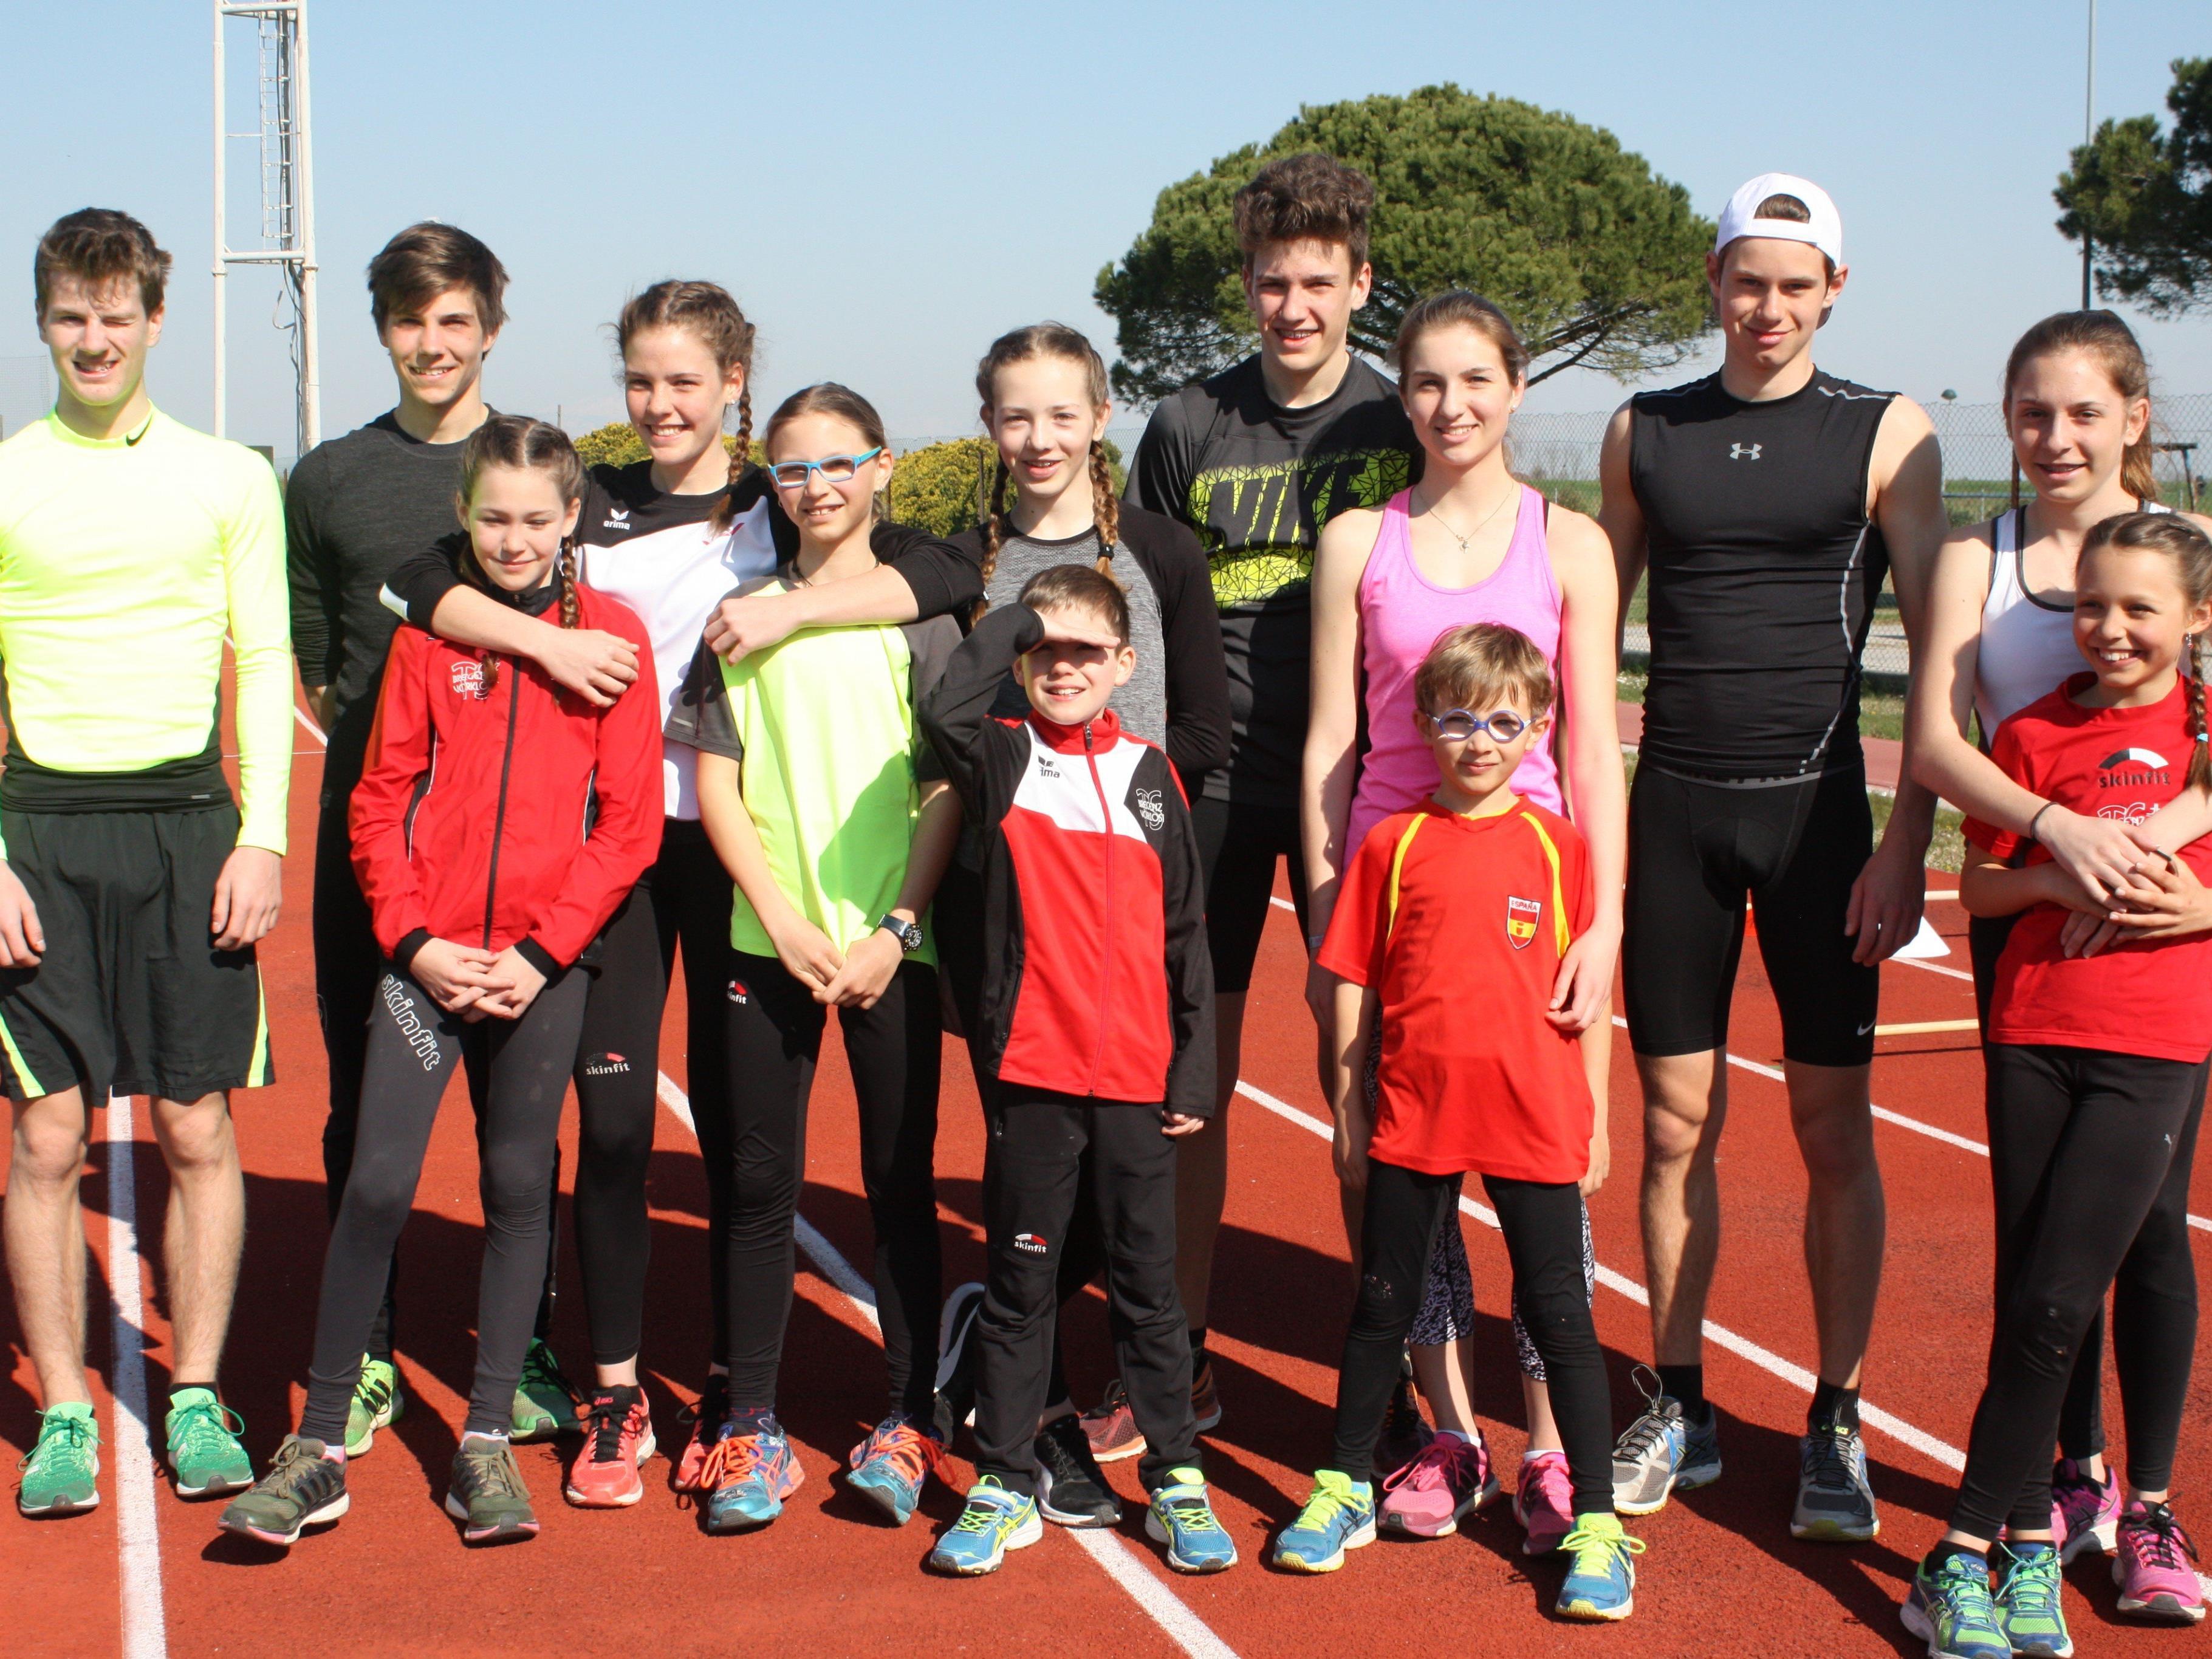 Die Leichtathleten der TS Bregenz-Vorkloster profitierten beim Trainingscamp in Caorle von perfekten Bedingungen.